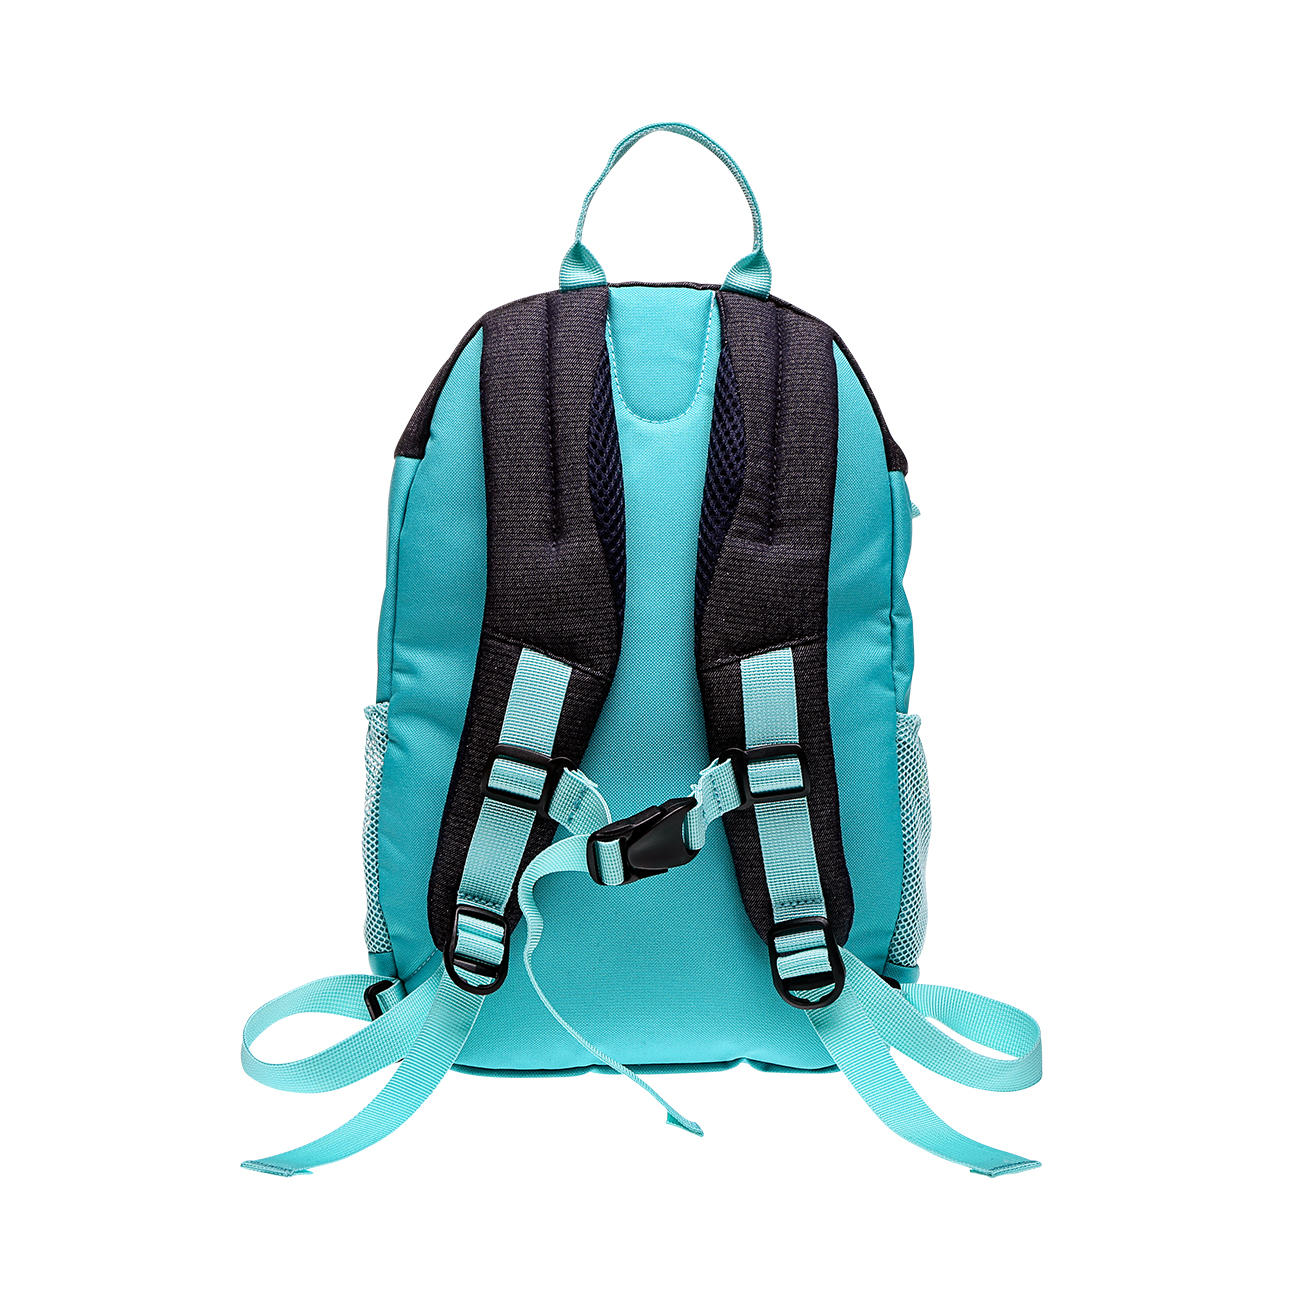 twinkle kid reflektor rucksack mit 3 jahren garantie. Black Bedroom Furniture Sets. Home Design Ideas